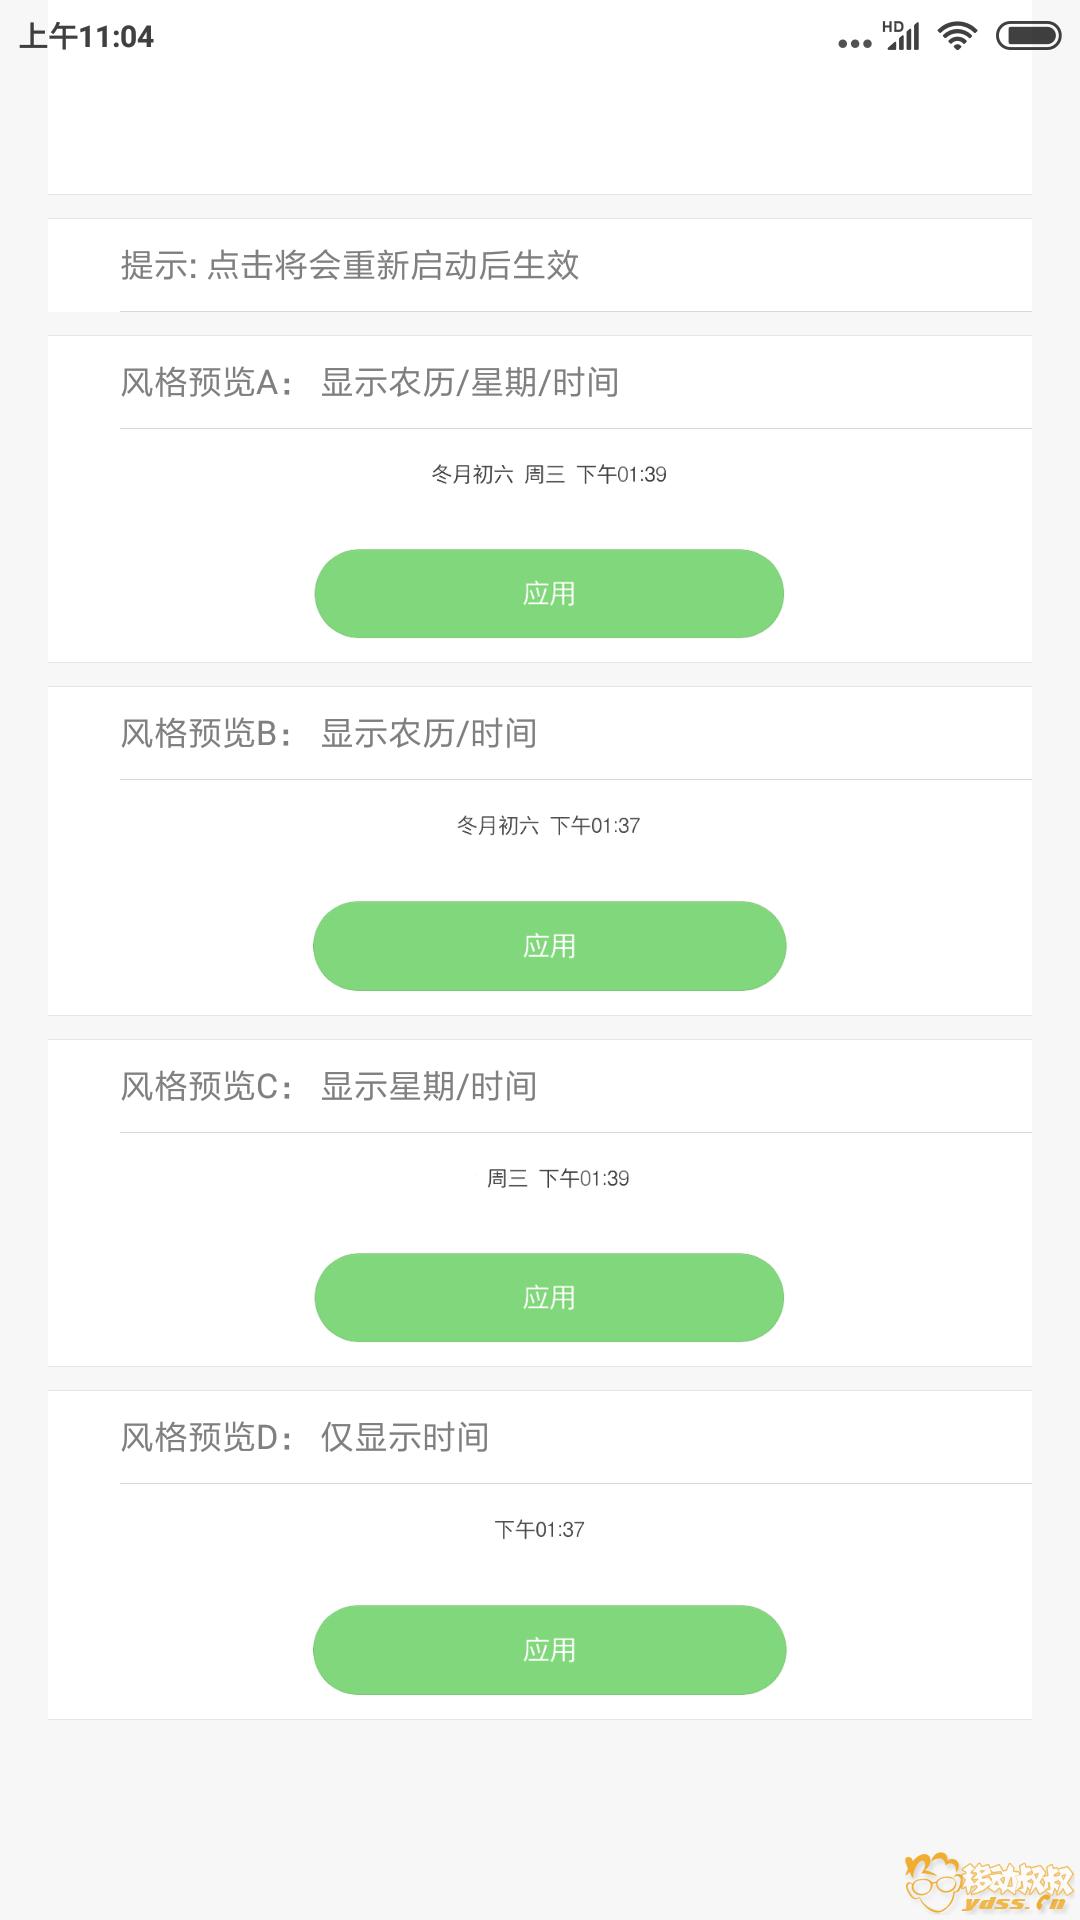 Screenshot_2018-07-02-11-04-56-015_com.makelove.settings.png